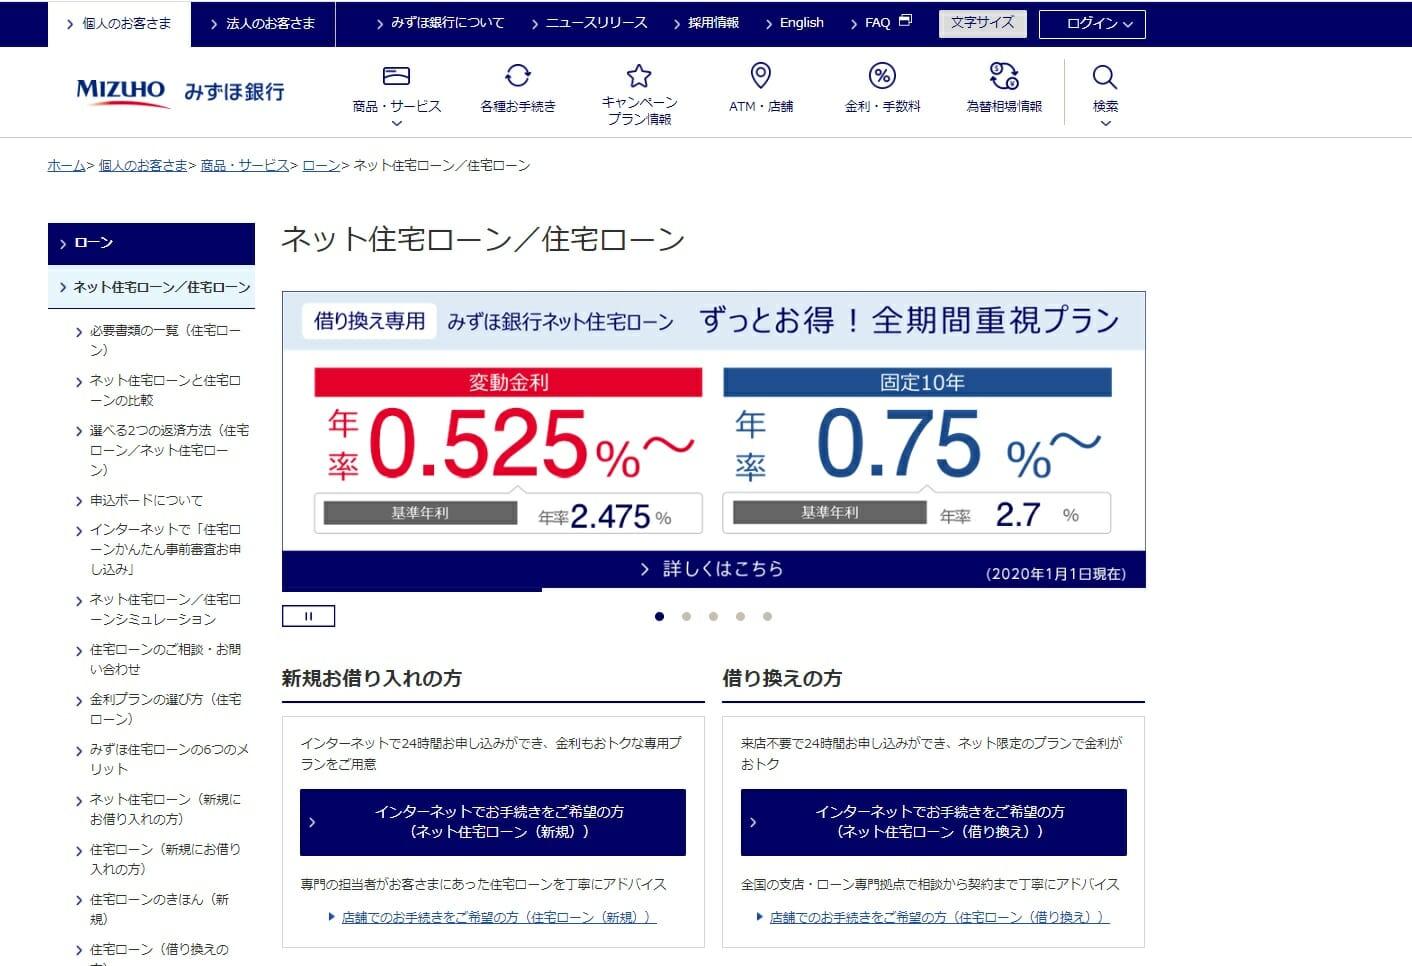 みずほ銀行の2020年1月の住宅ローン金利